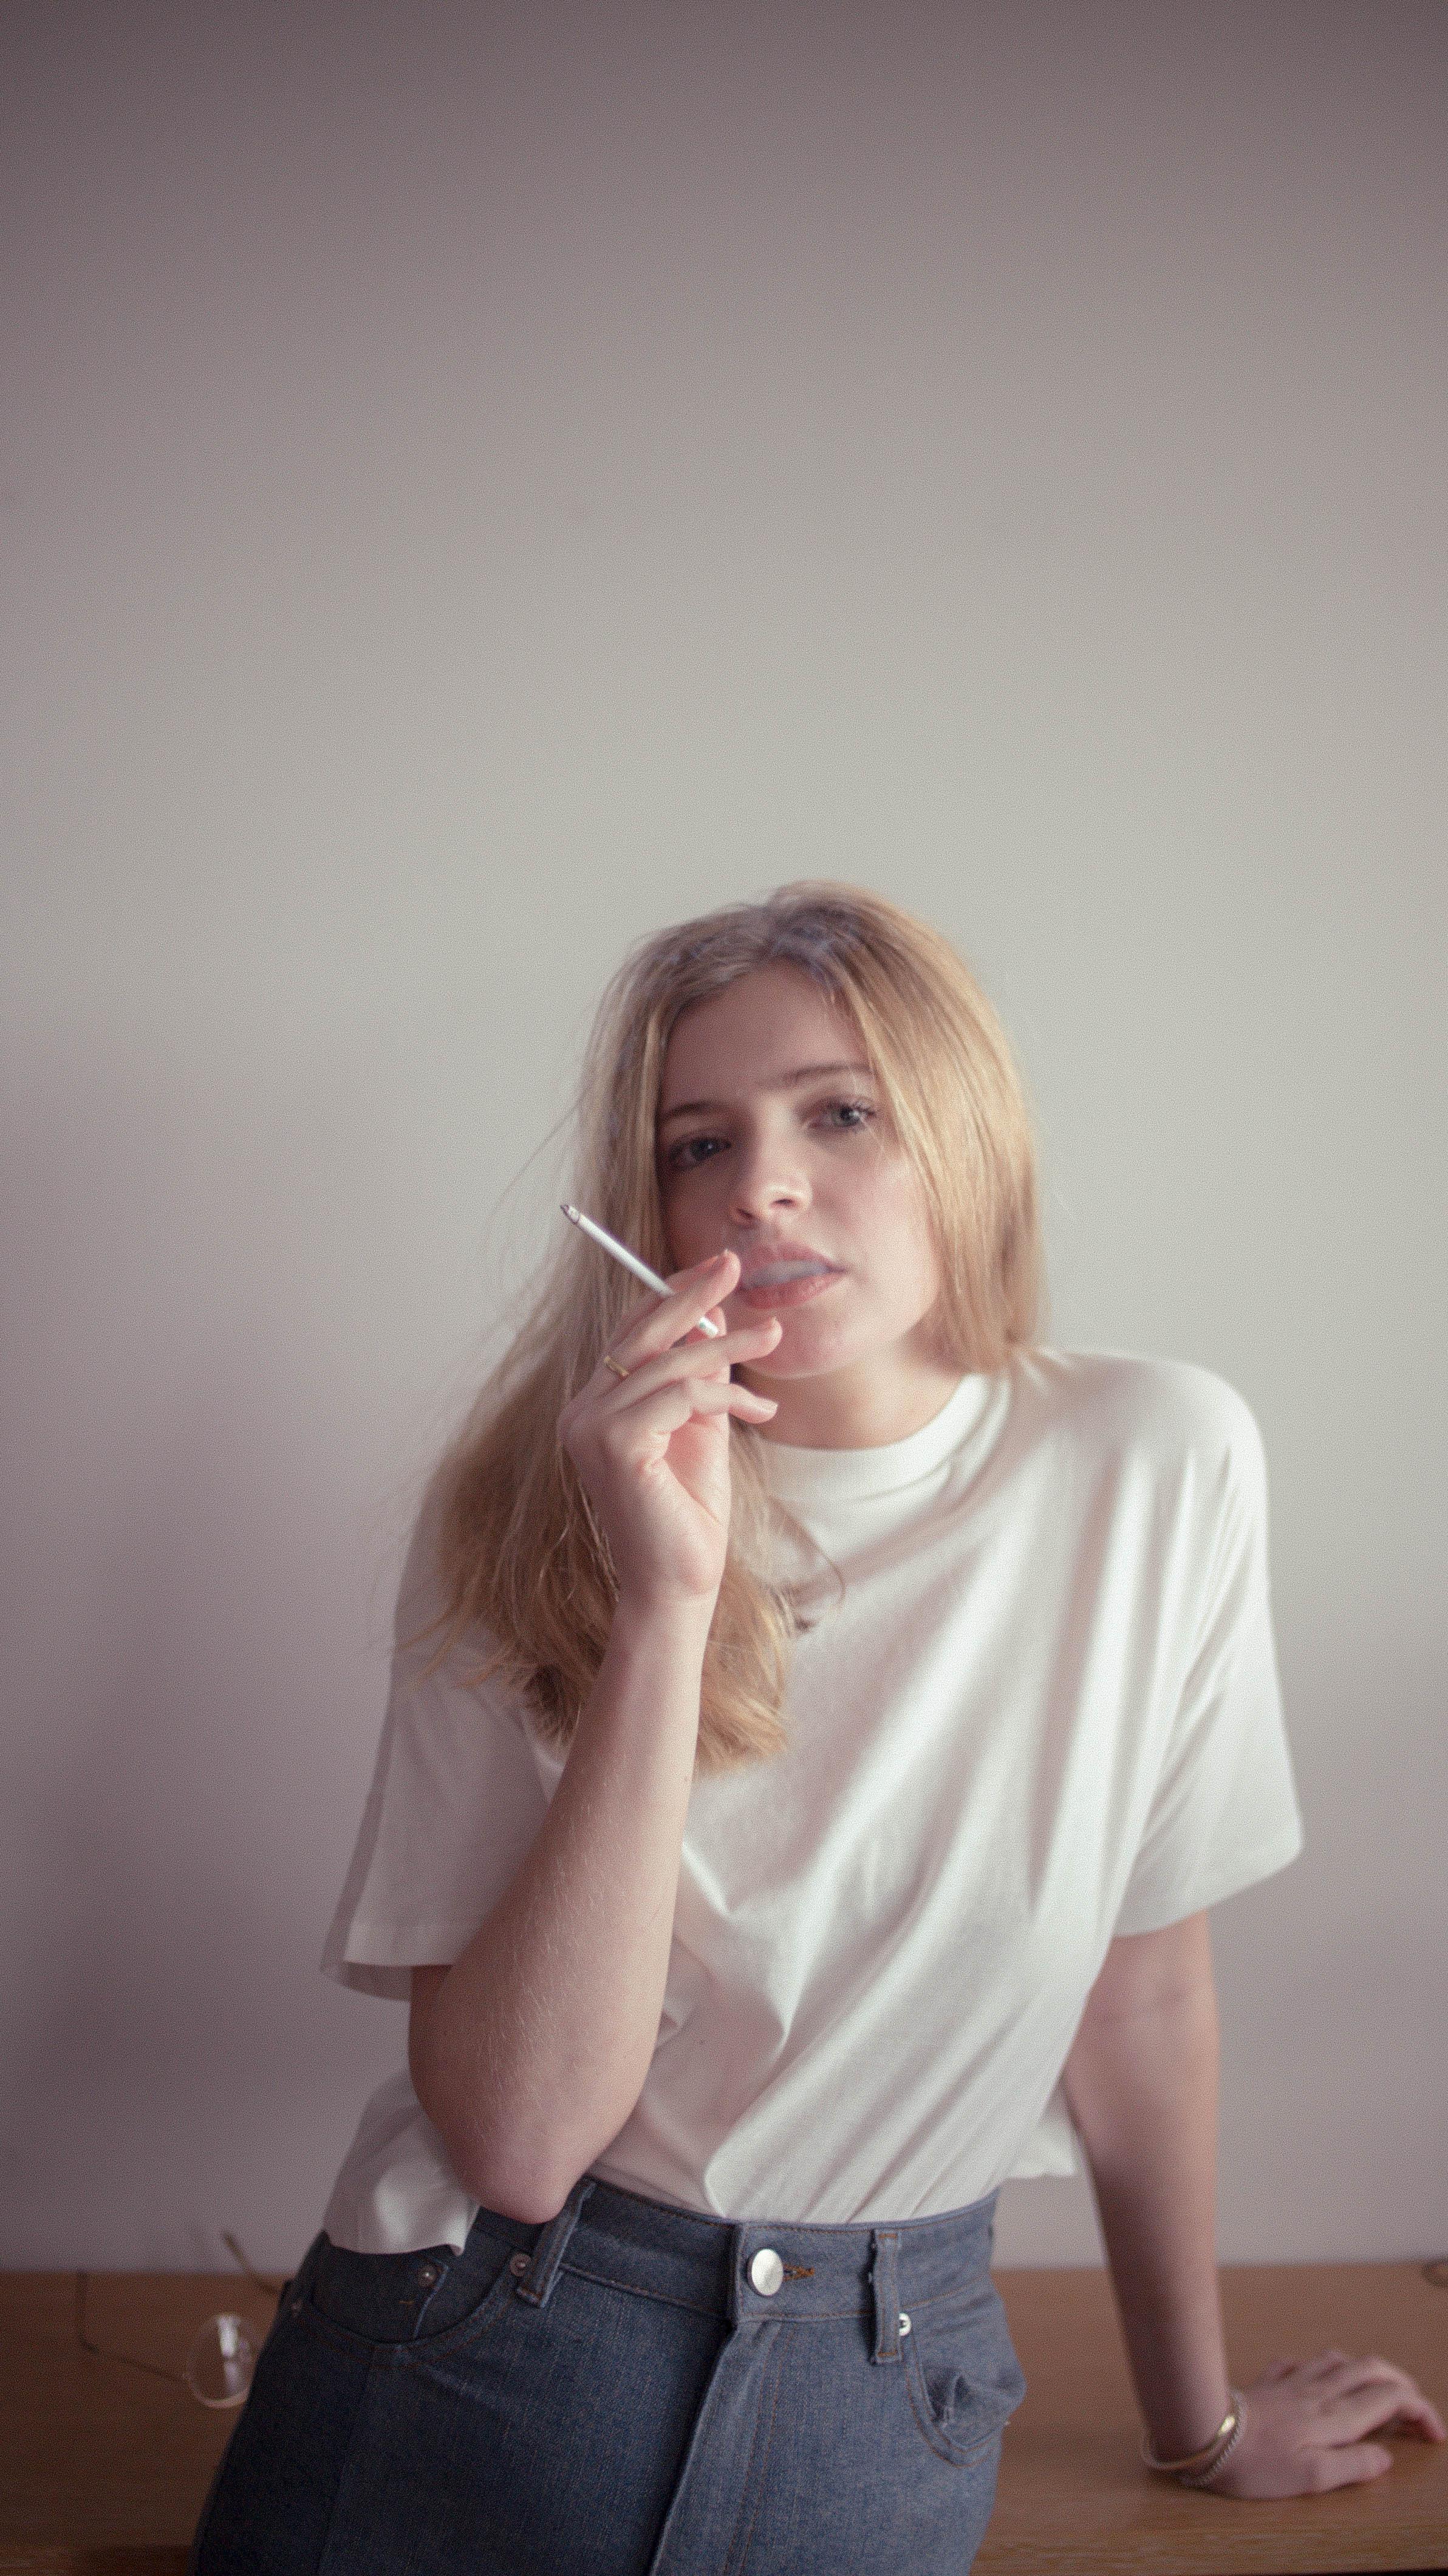 90s cigarette